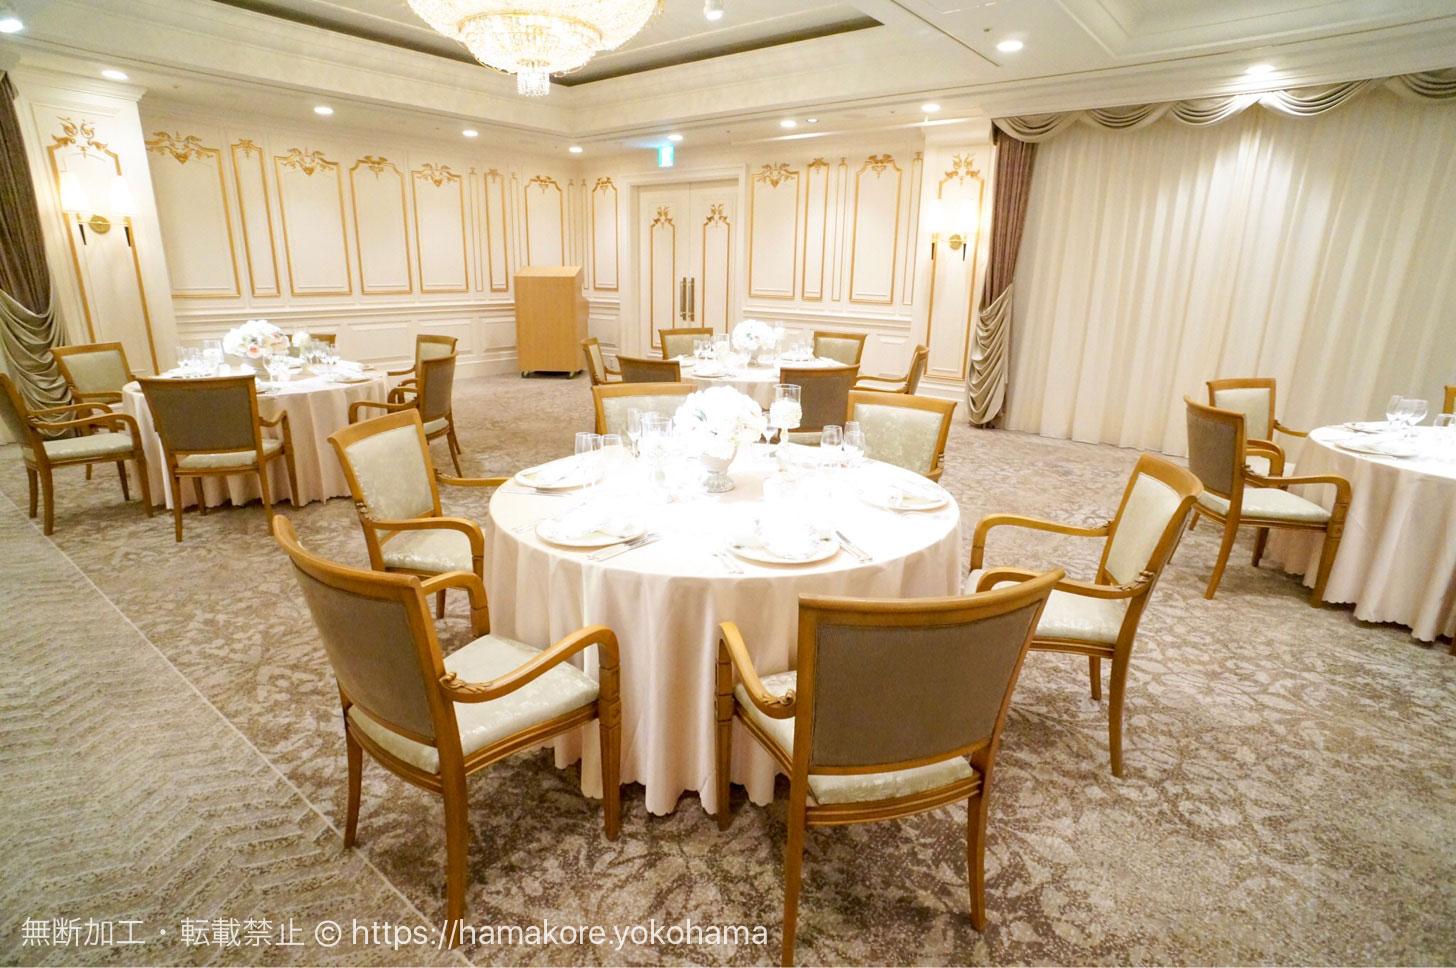 横浜ロイヤルパークホテル 宴会棟の「芙蓉」がリニューアル!ウエディング重視の空間へ